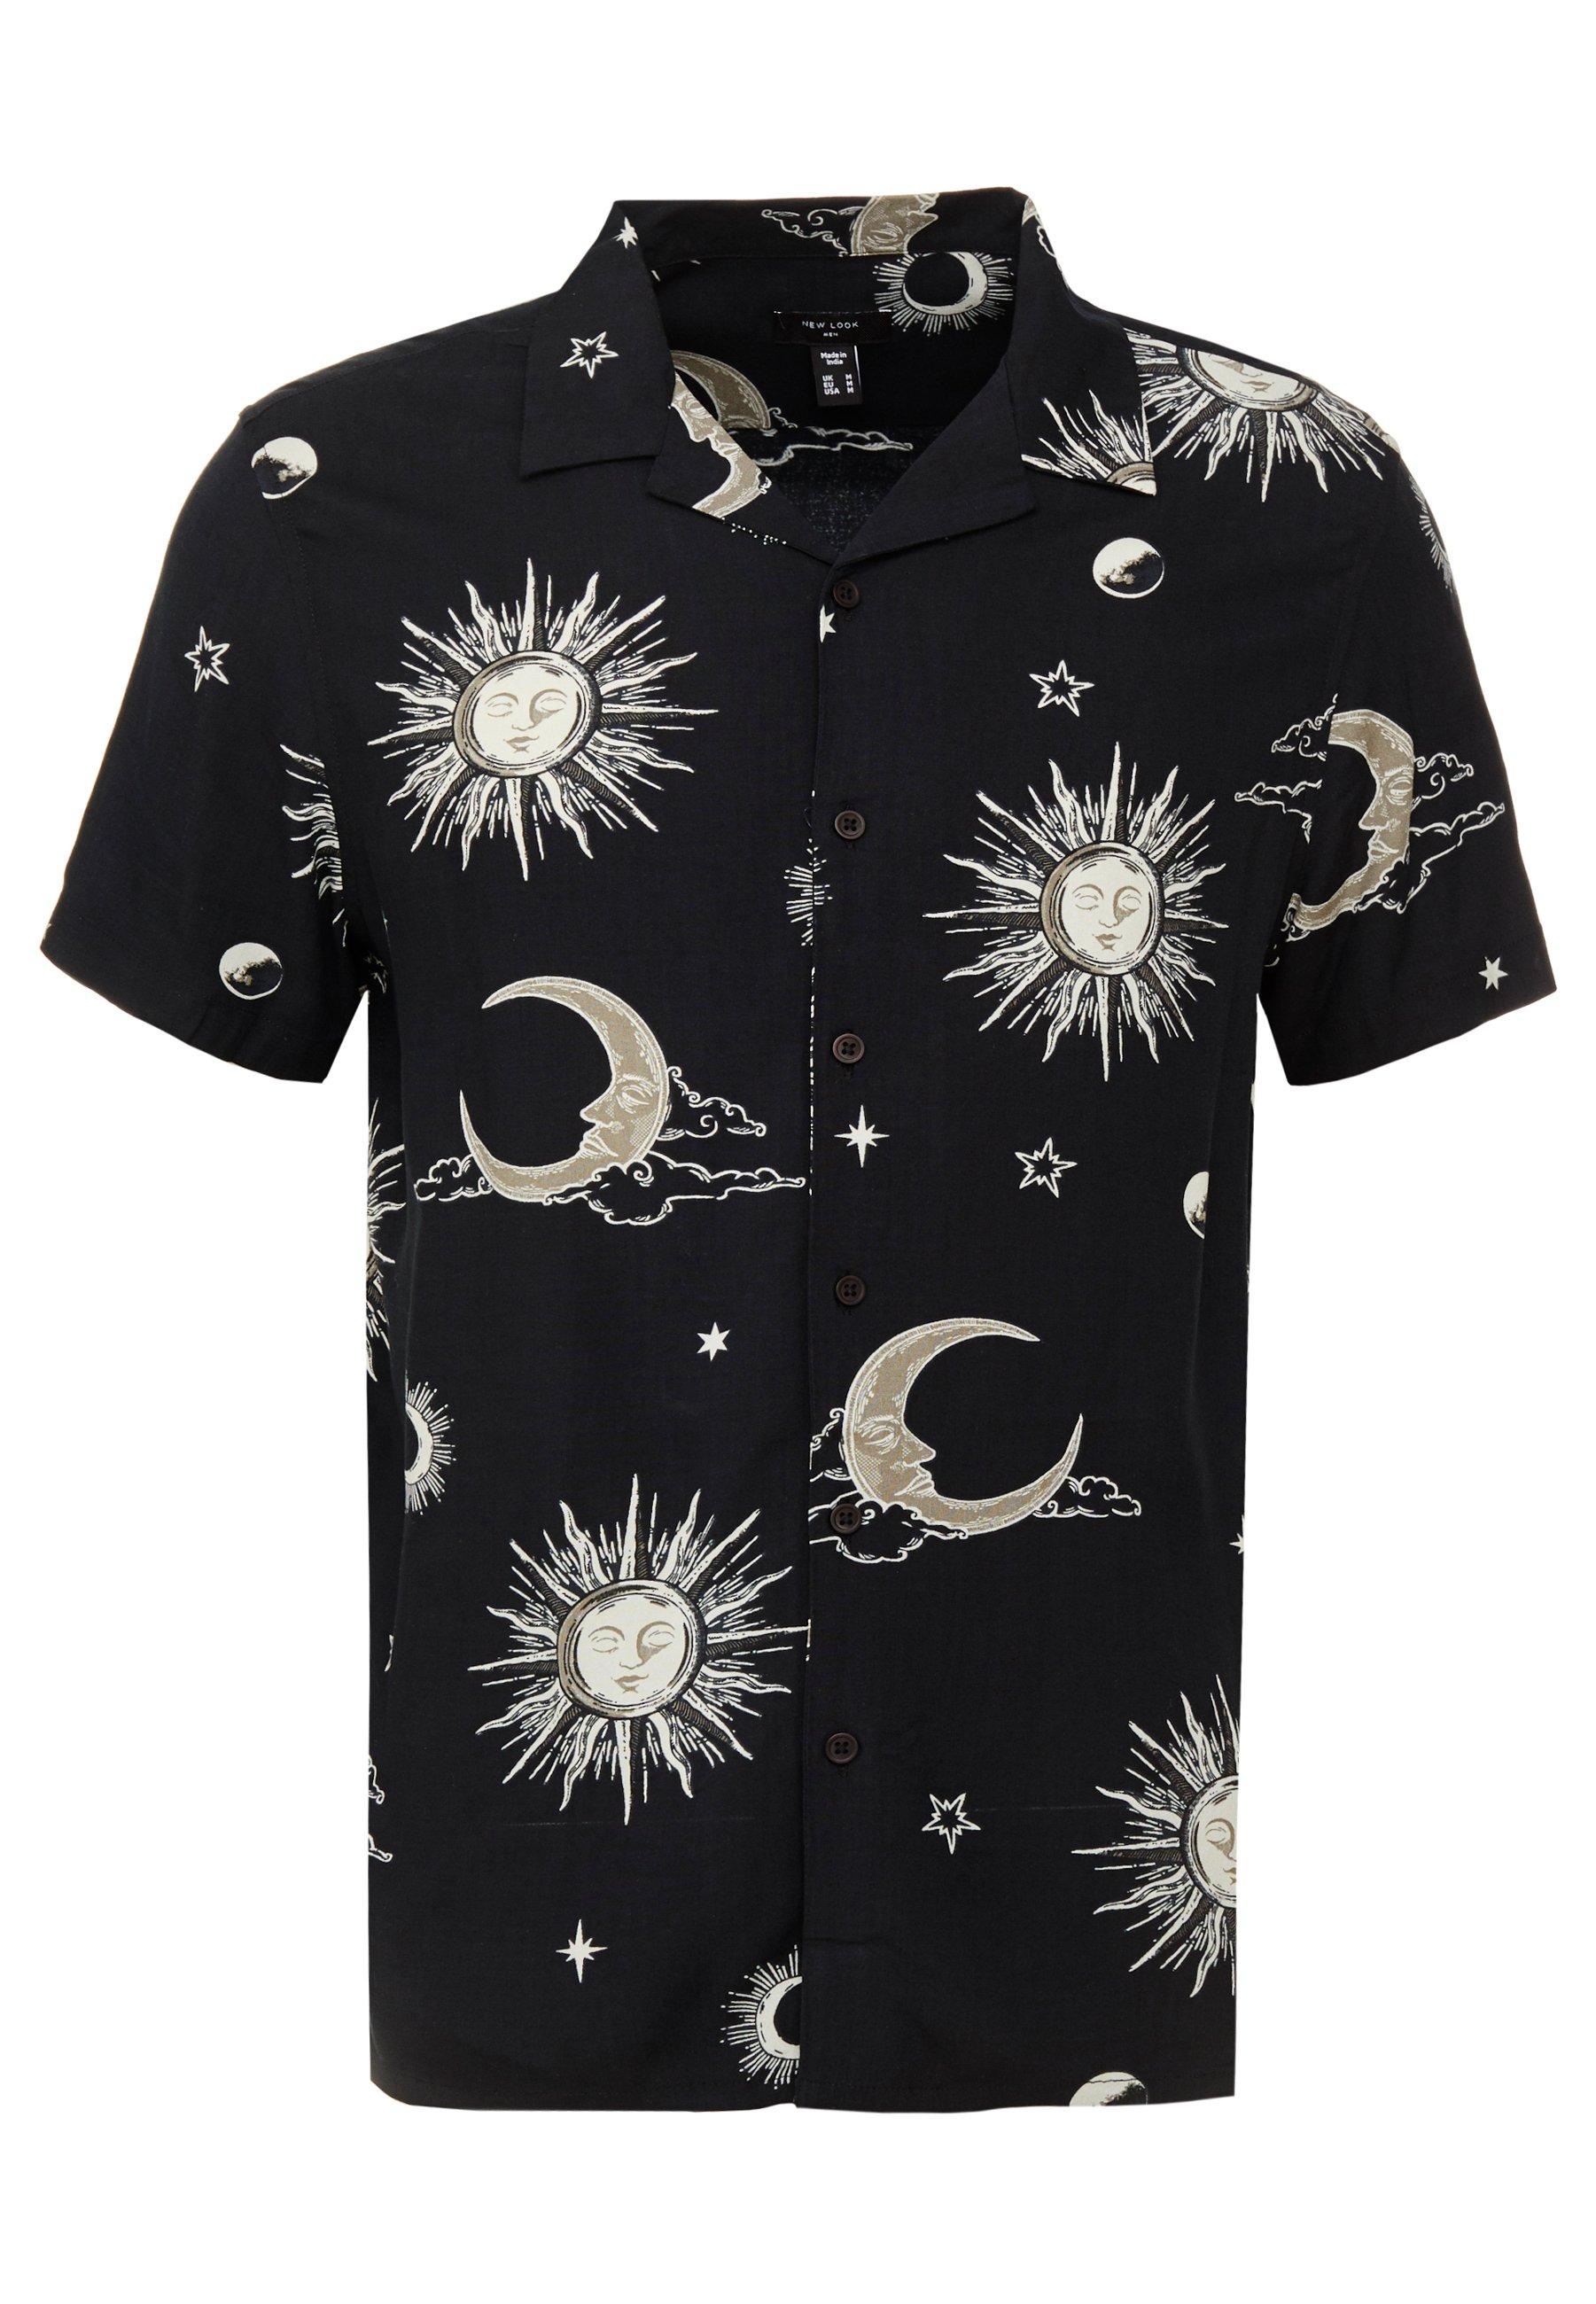 Look New Look Black Sun MoonChemise Black Sun Look New New MoonChemise Sun MoonChemise QsCxhrdt